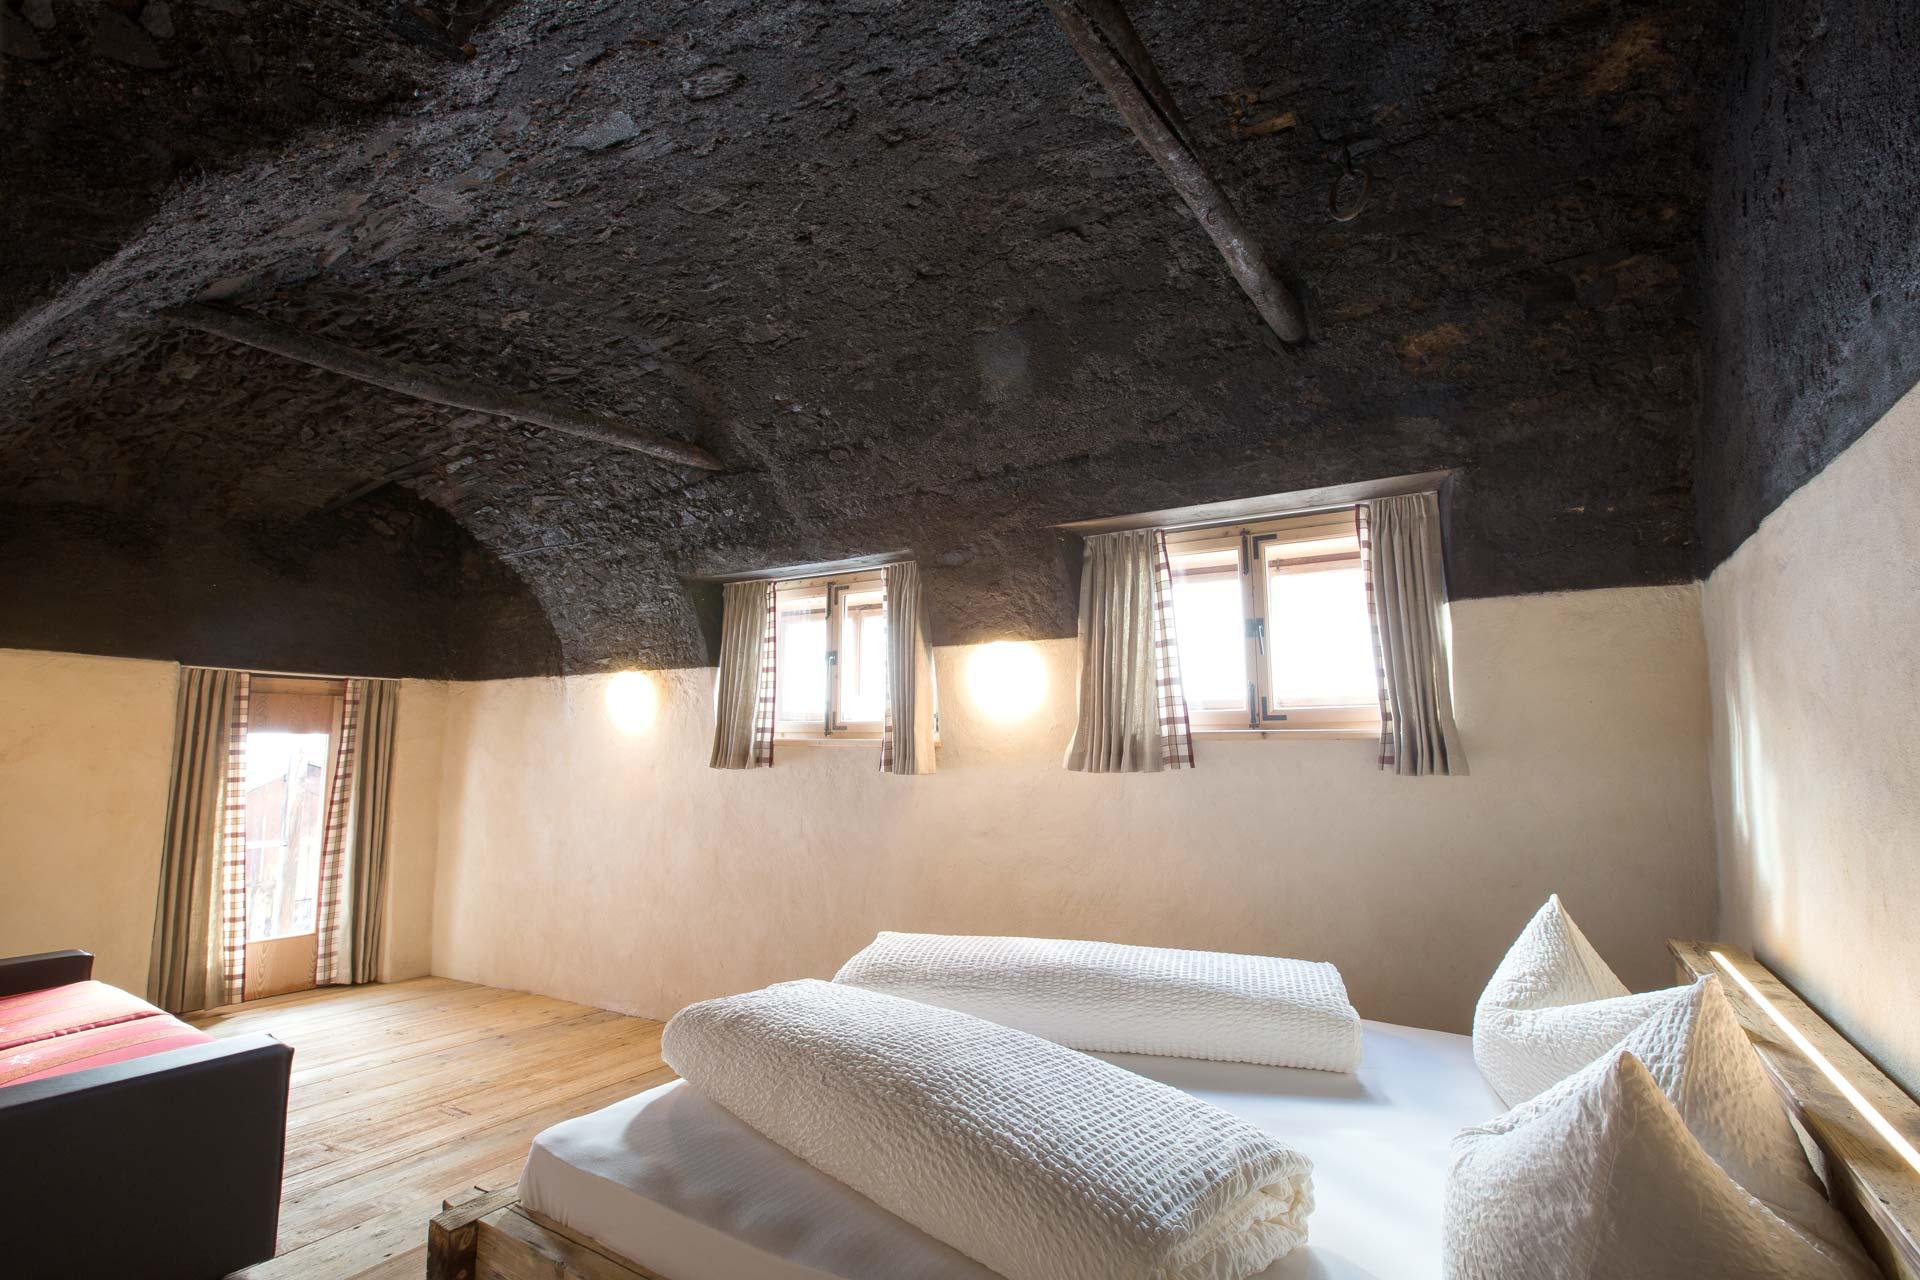 informationen ber den urlaub im alpenjuwel ferienwohnungen in nauders. Black Bedroom Furniture Sets. Home Design Ideas